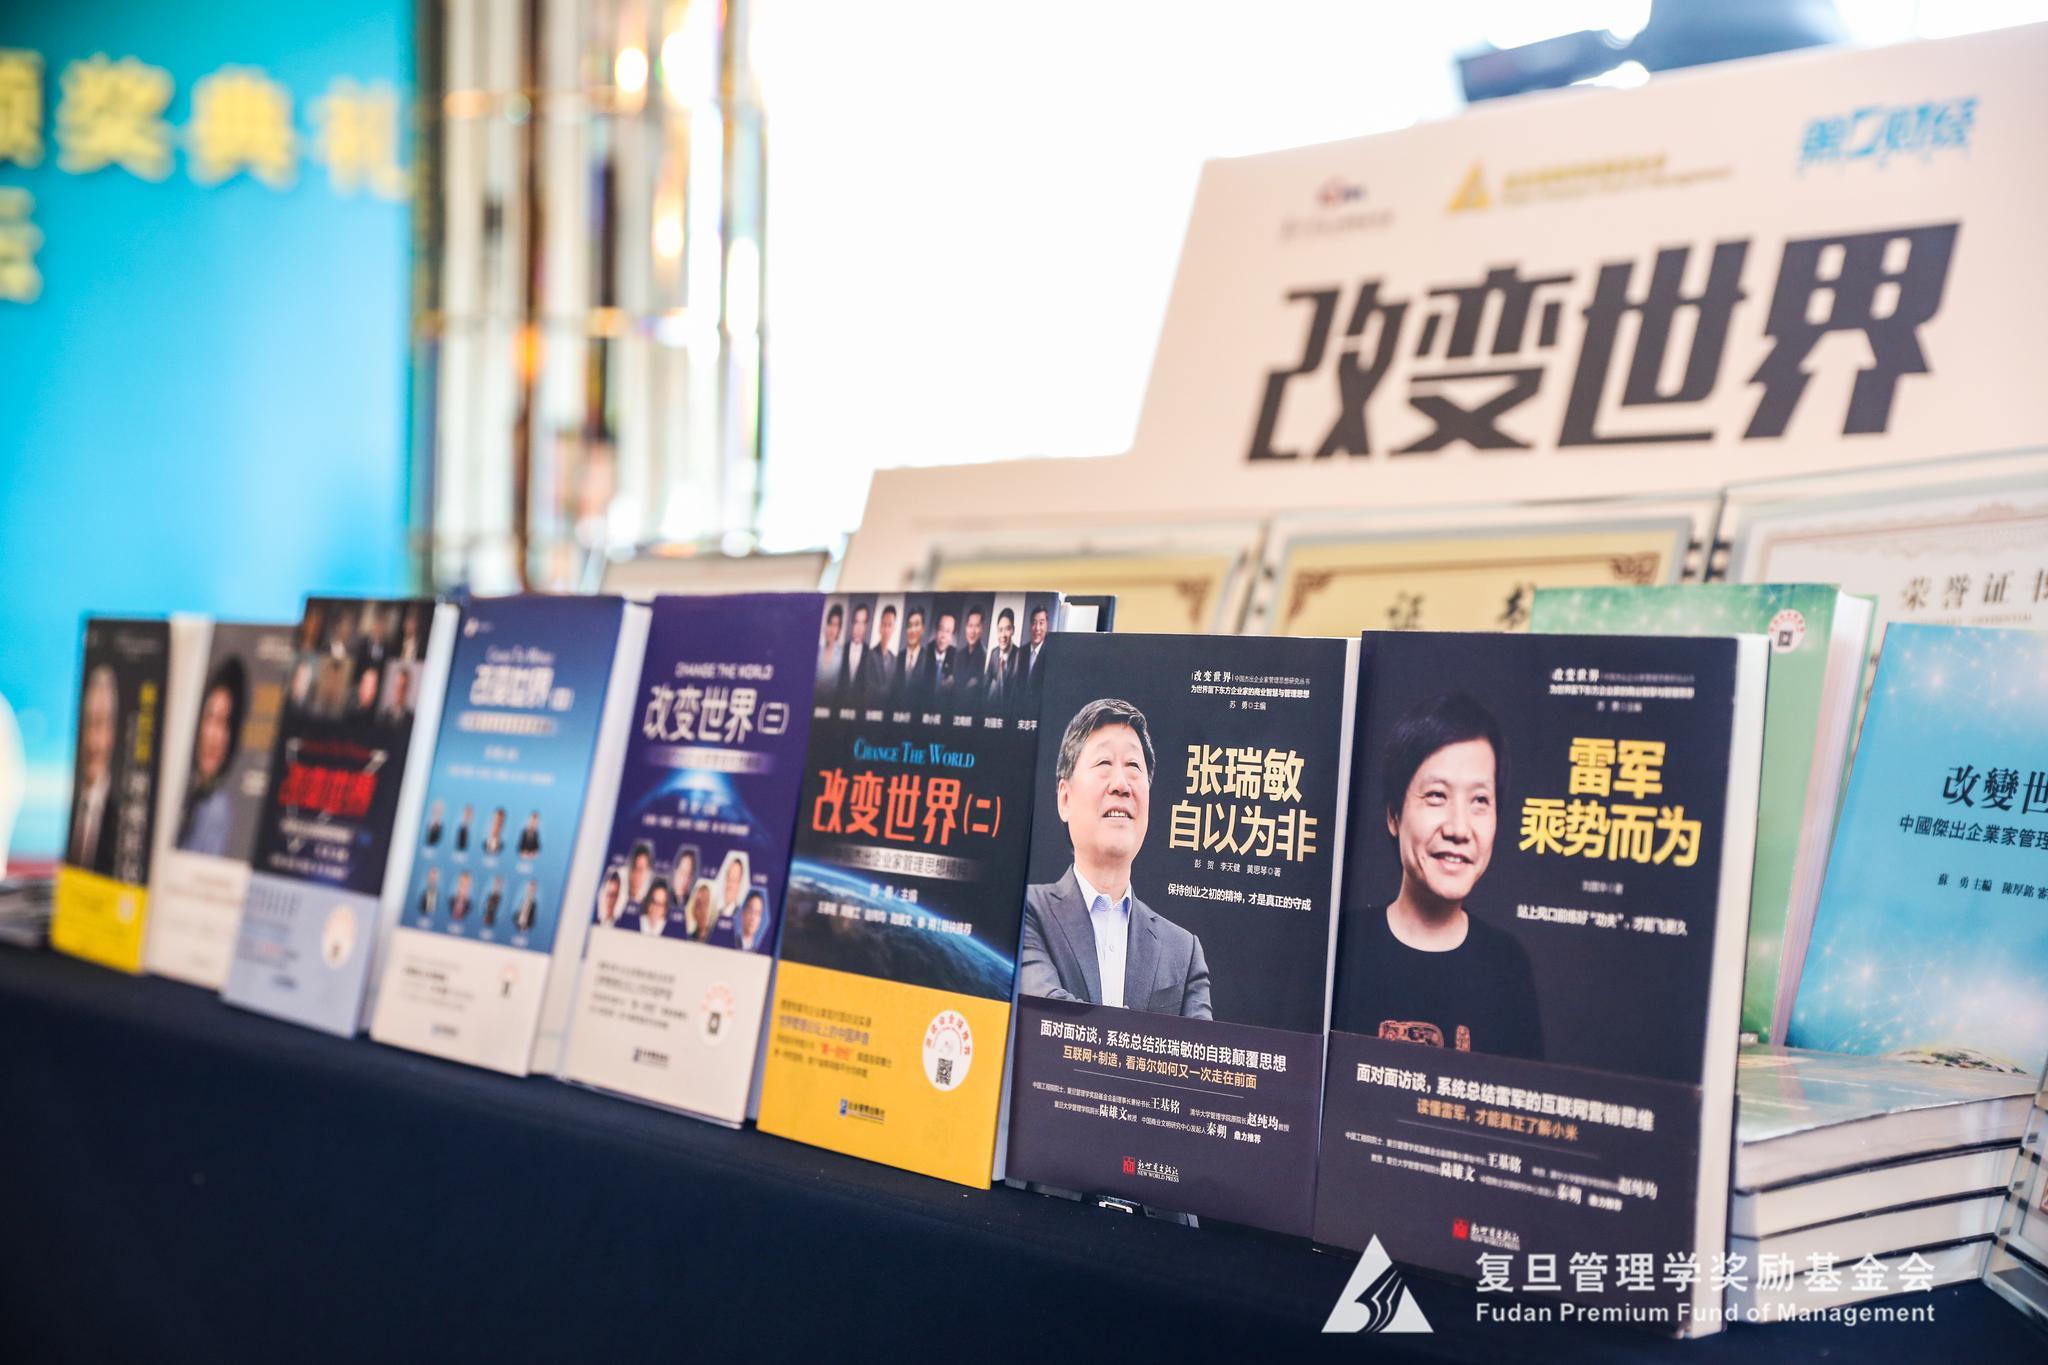 今年,雷军获得了复旦管理学奖,清华大学赵纯均获终生成就奖